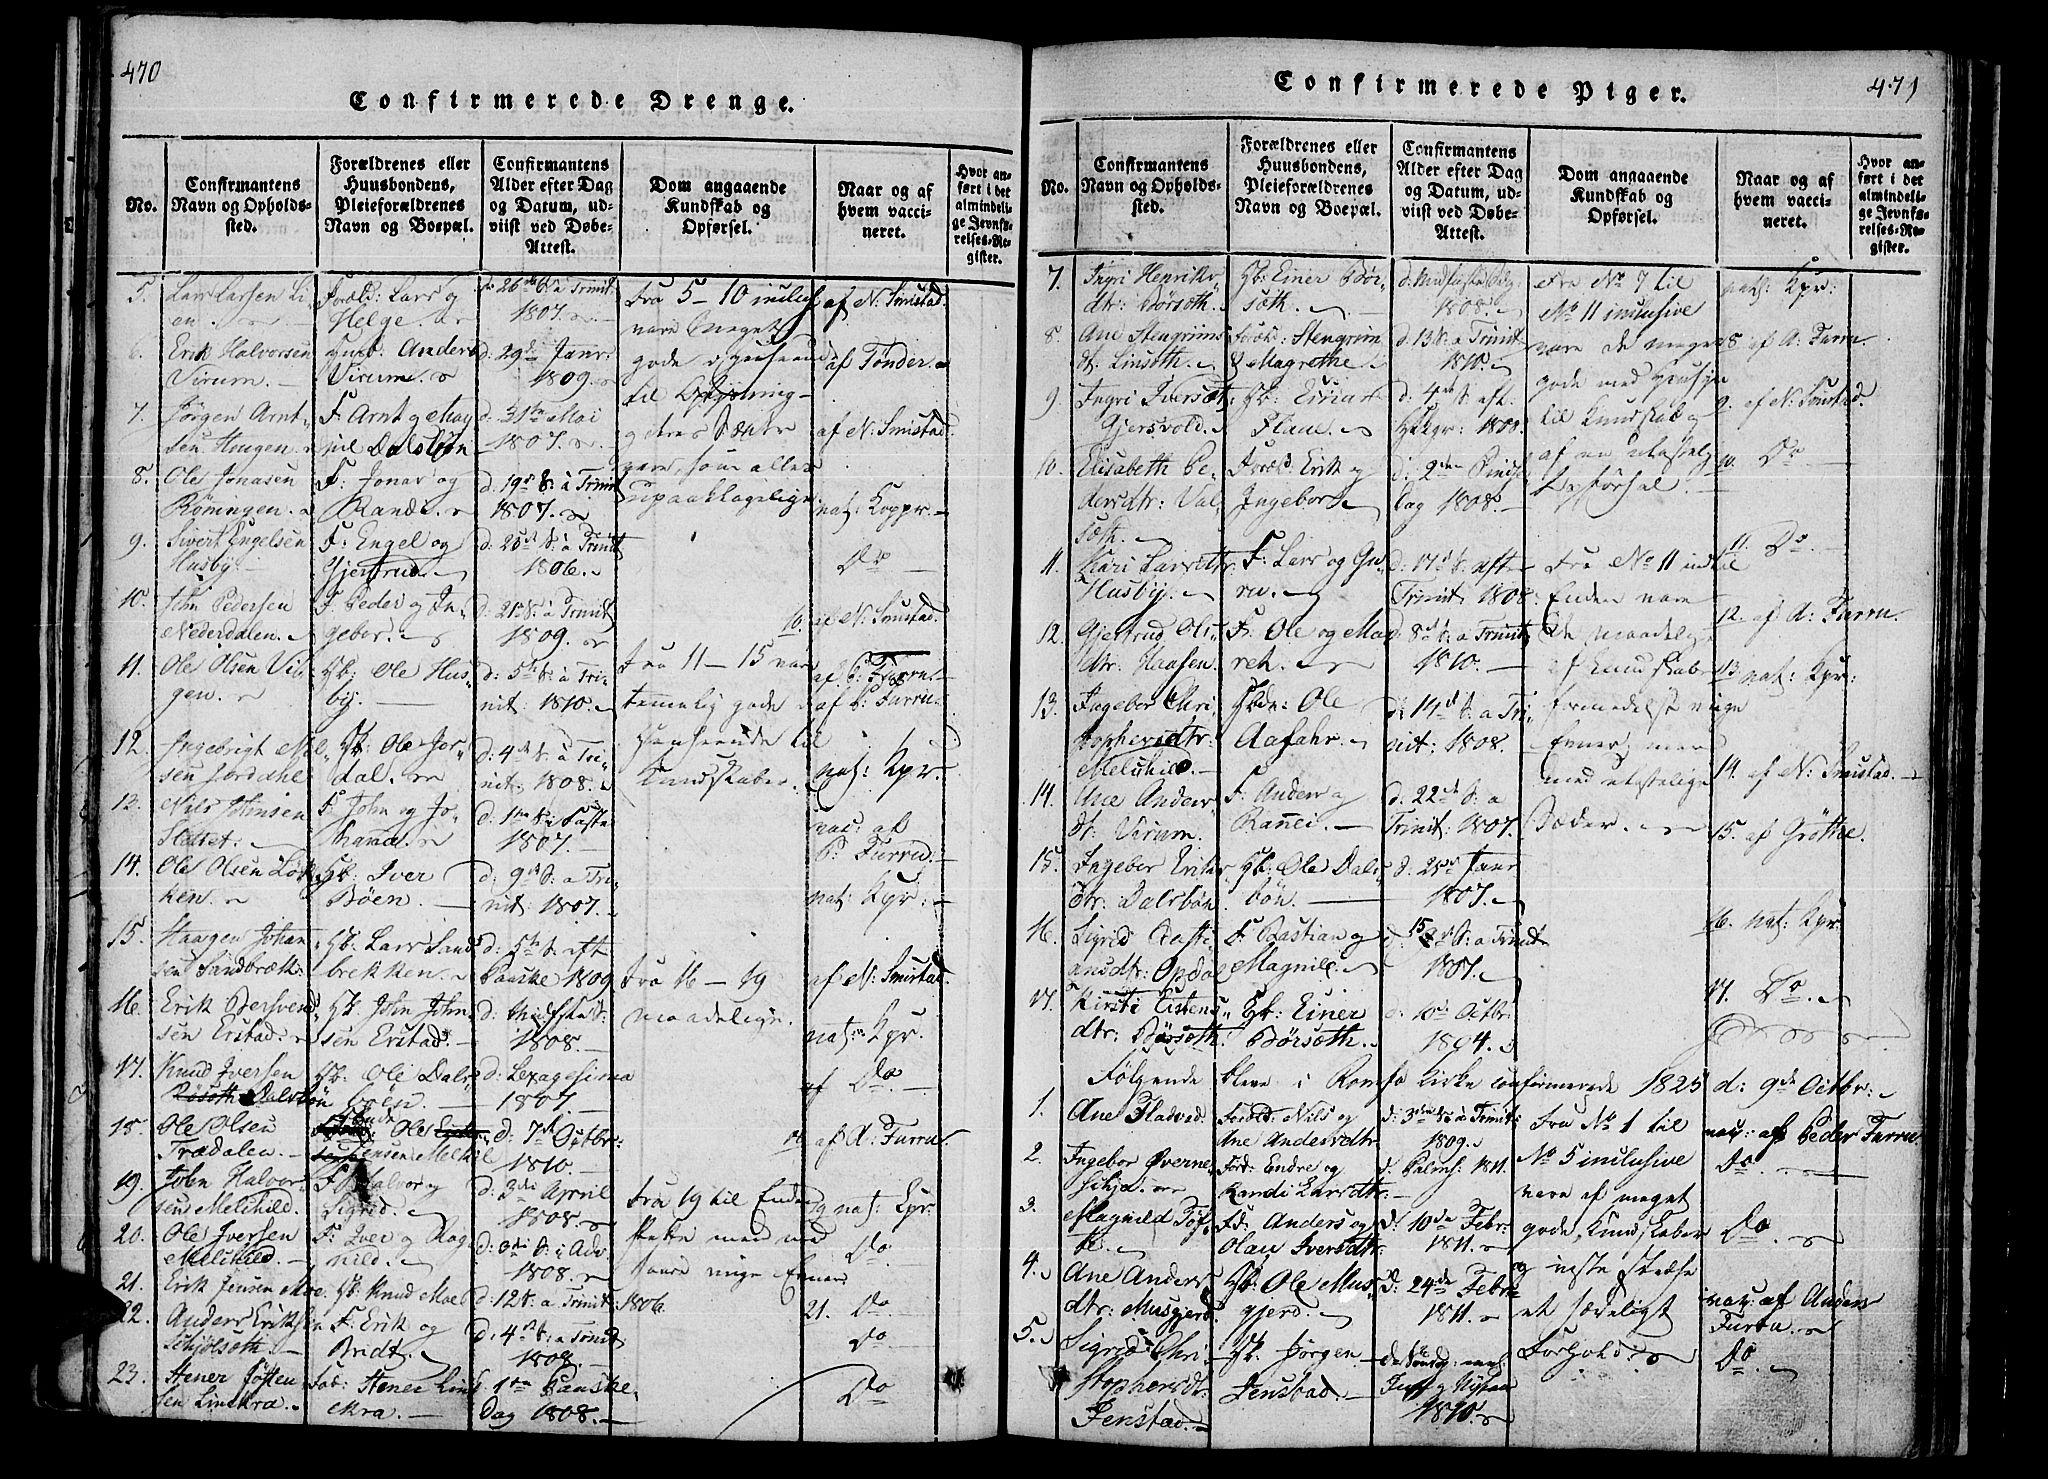 SAT, Ministerialprotokoller, klokkerbøker og fødselsregistre - Møre og Romsdal, 590/L1009: Ministerialbok nr. 590A03 /1, 1819-1832, s. 470-471